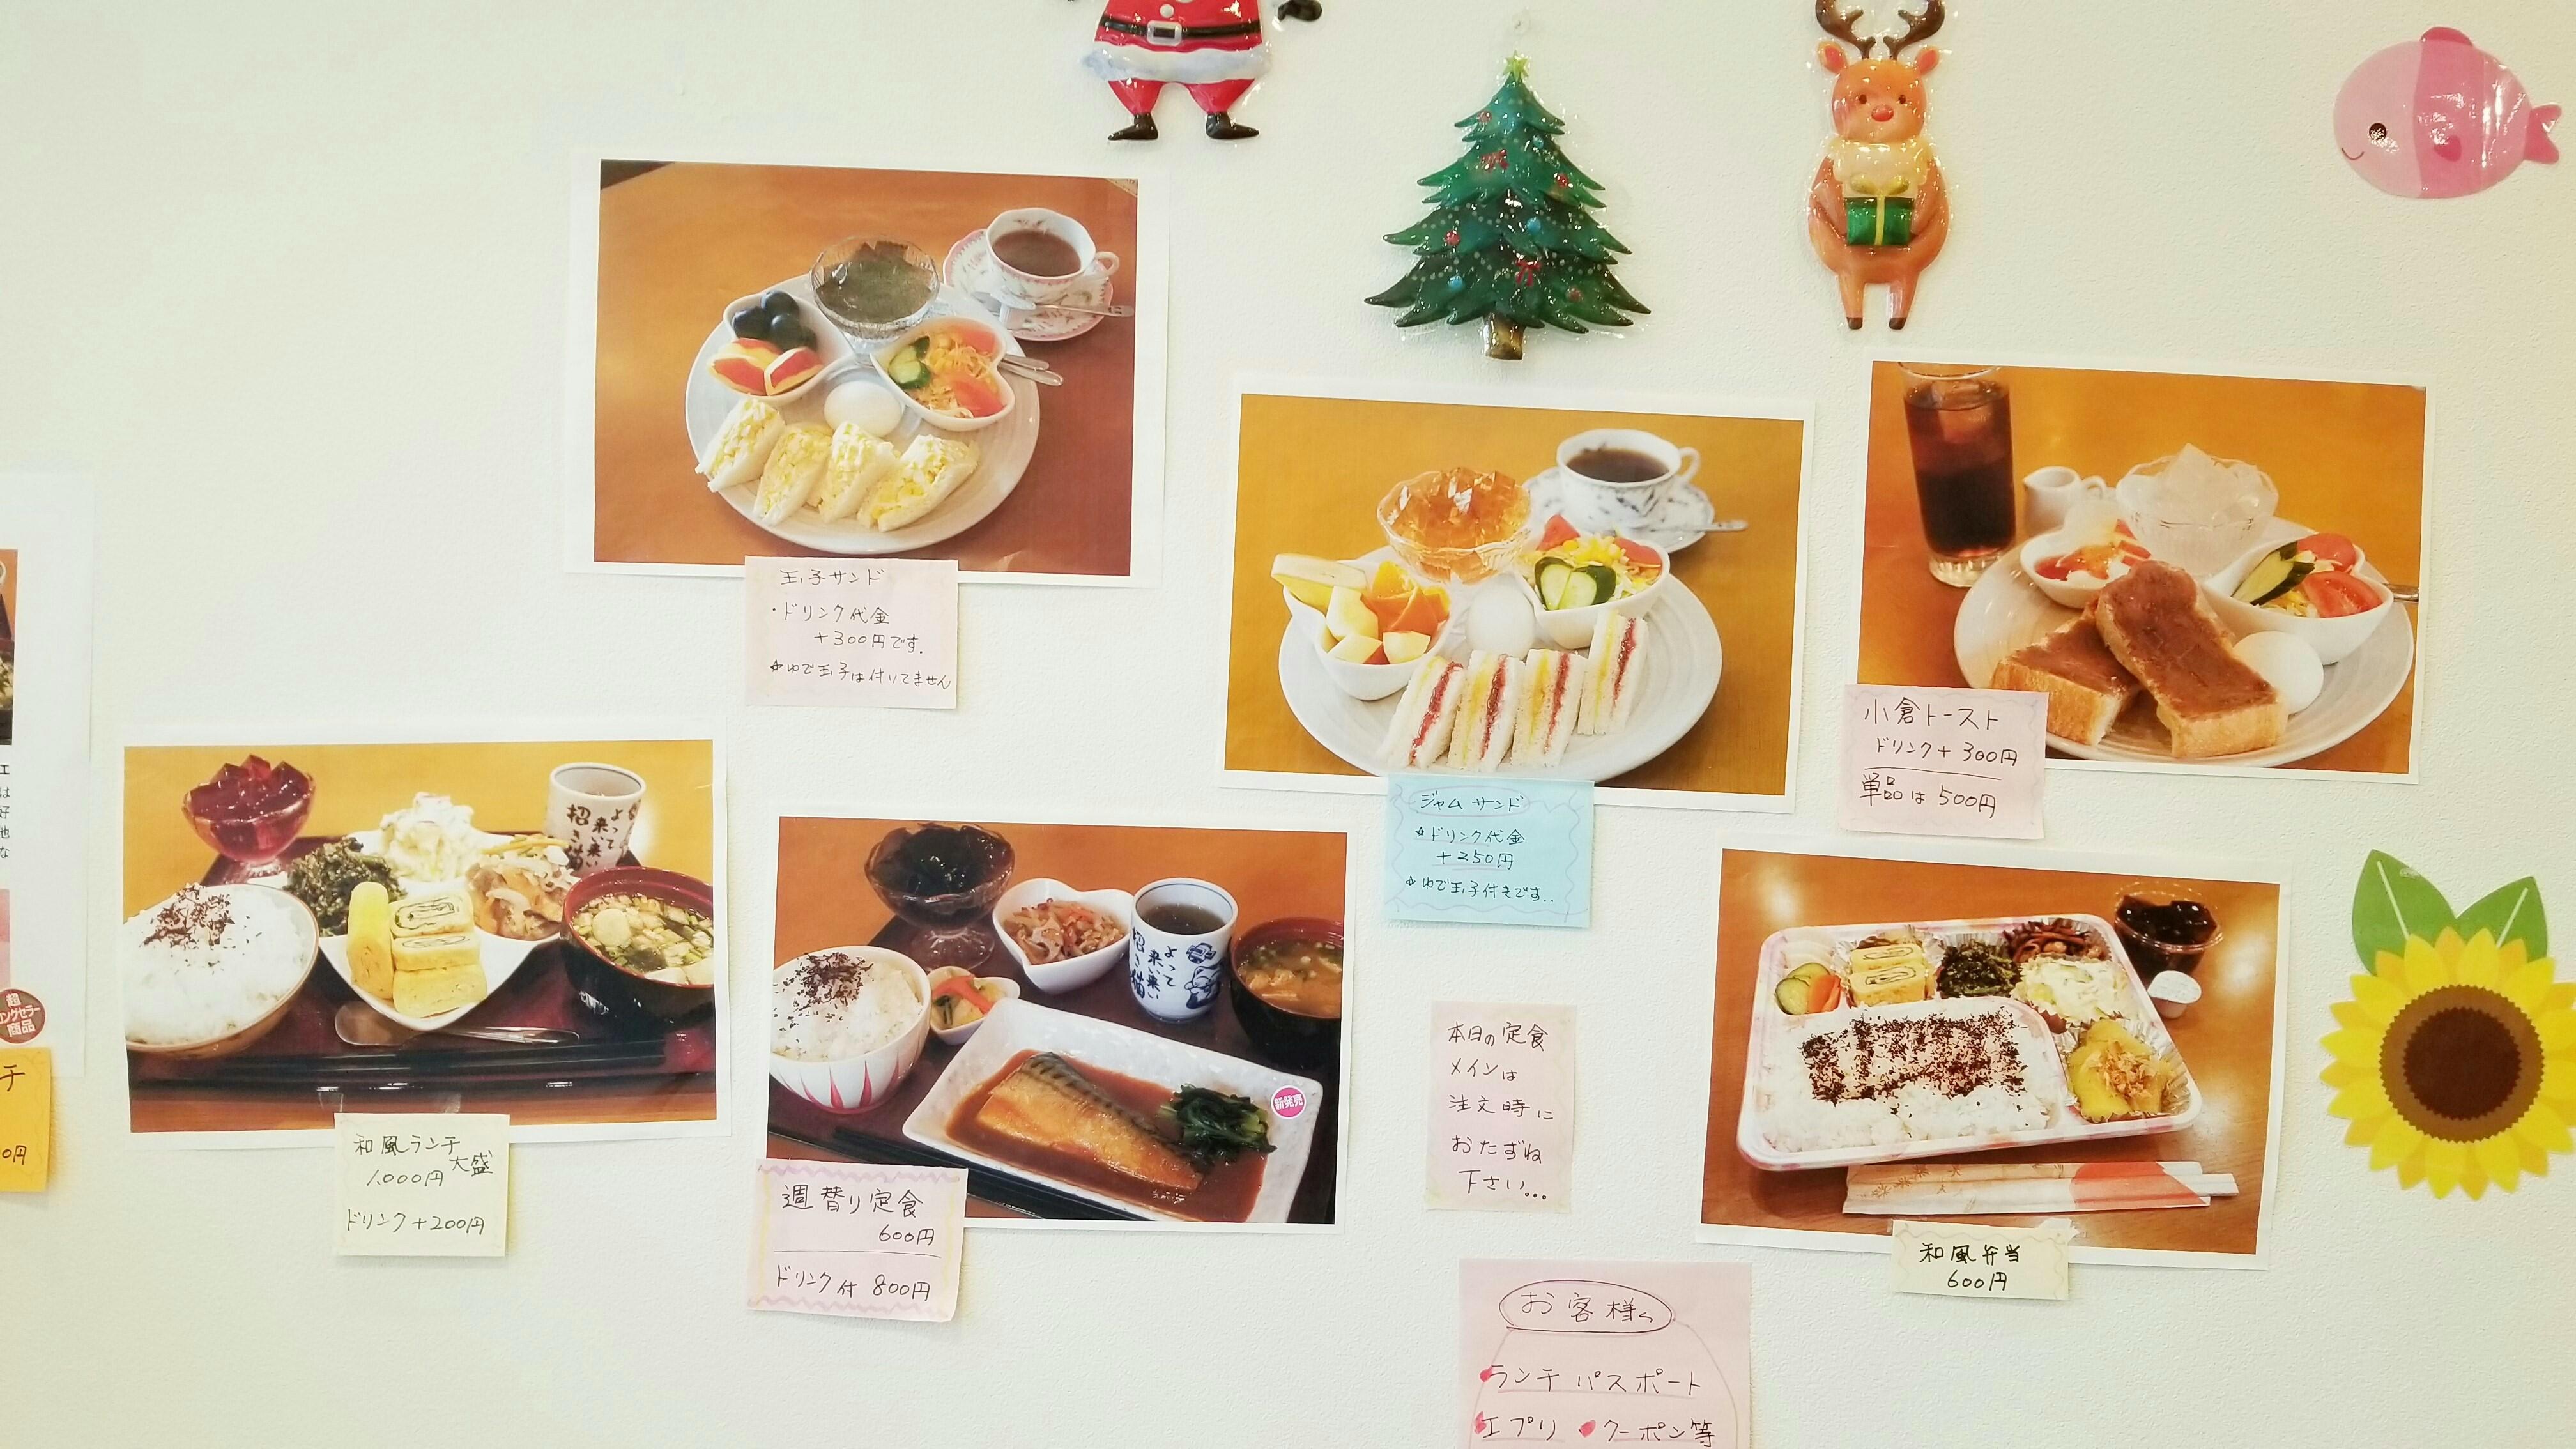 ランチパスポート愛媛県安い500円コスパ最高グルメ外食お薦め店本